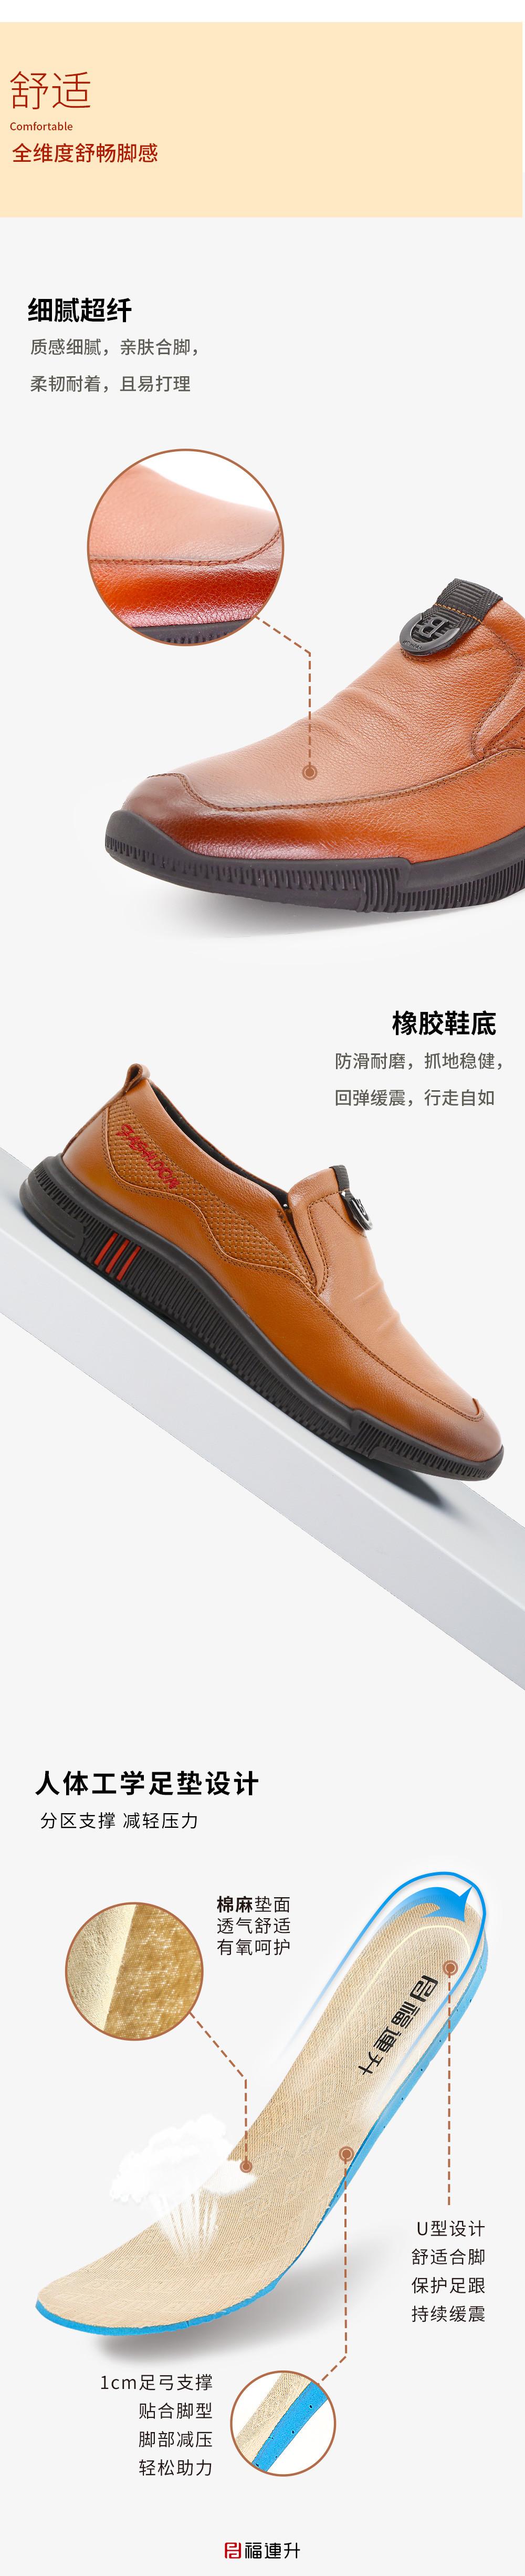 福连升商务休闲男鞋棉麻舒适工作鞋低帮休闲鞋图片